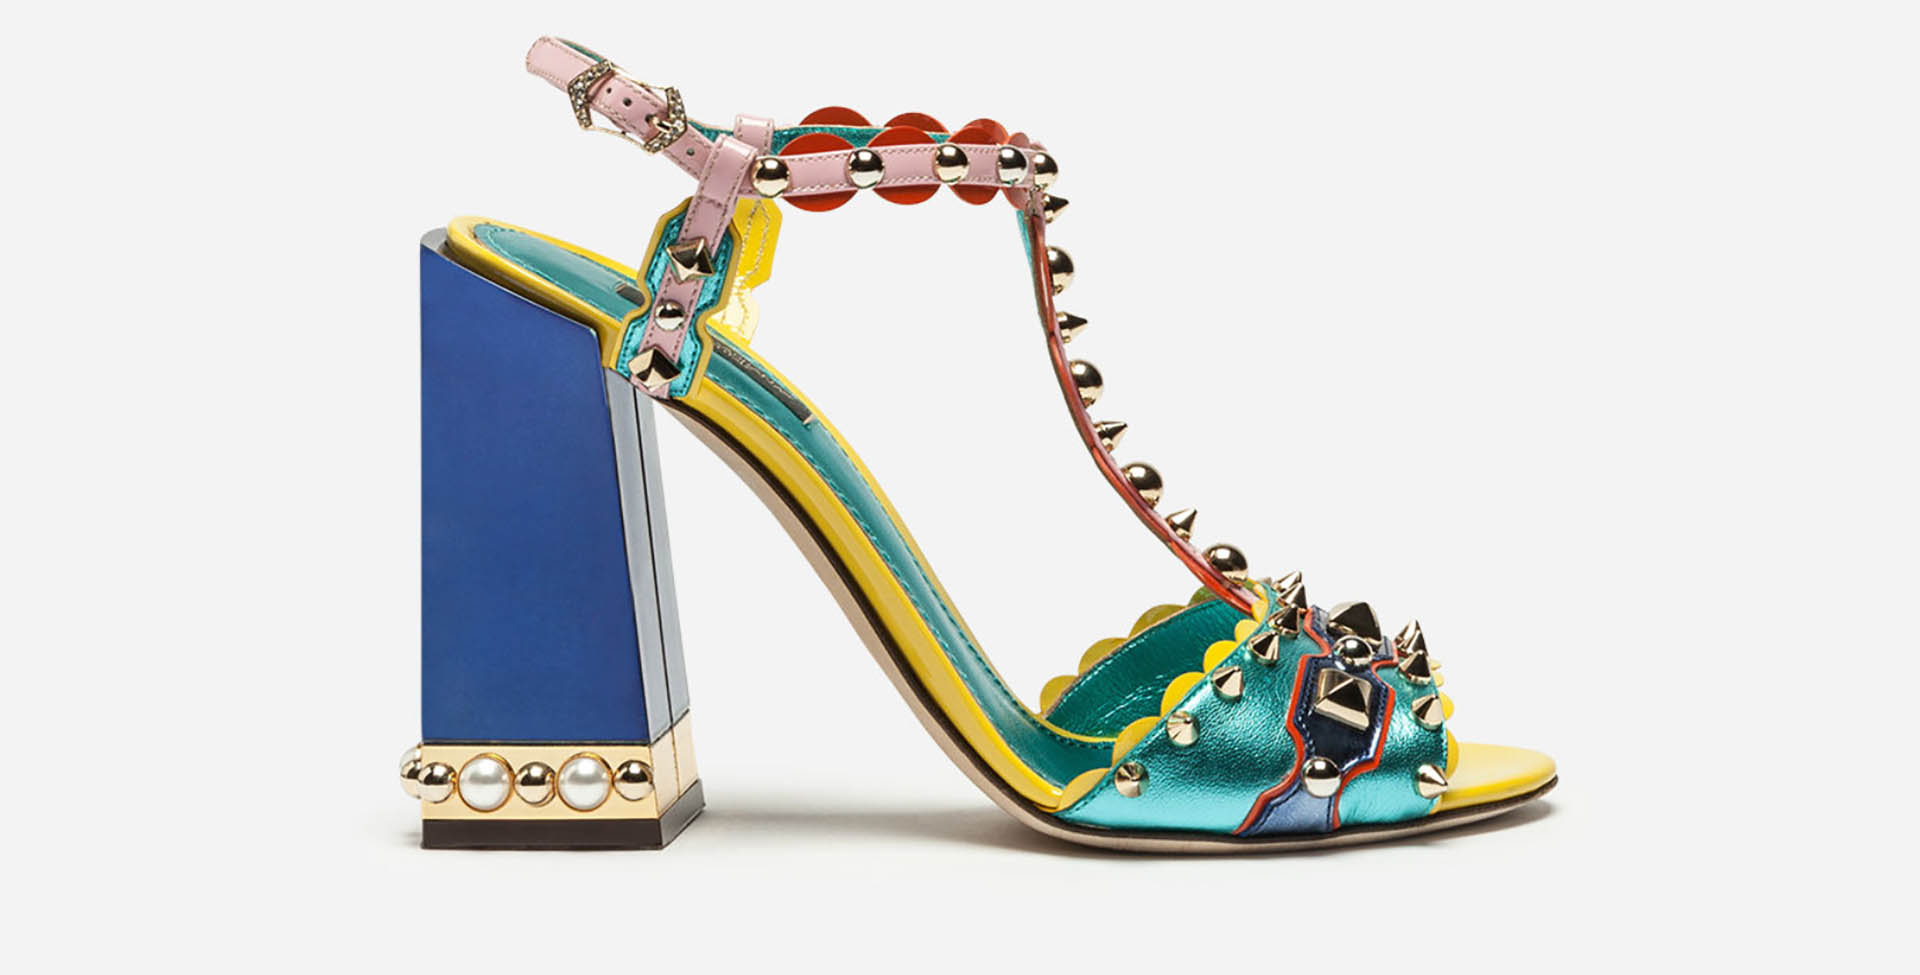 """La sandalia """"Keira"""" con mix de cueros metalizados en verde, amarillo y rosa con taco de madera en forma de trapecio con detalles de dorado y perlas. La pulsera y la tira del zapato están bordadas con tachas sombrerito, en punta y pirámide"""